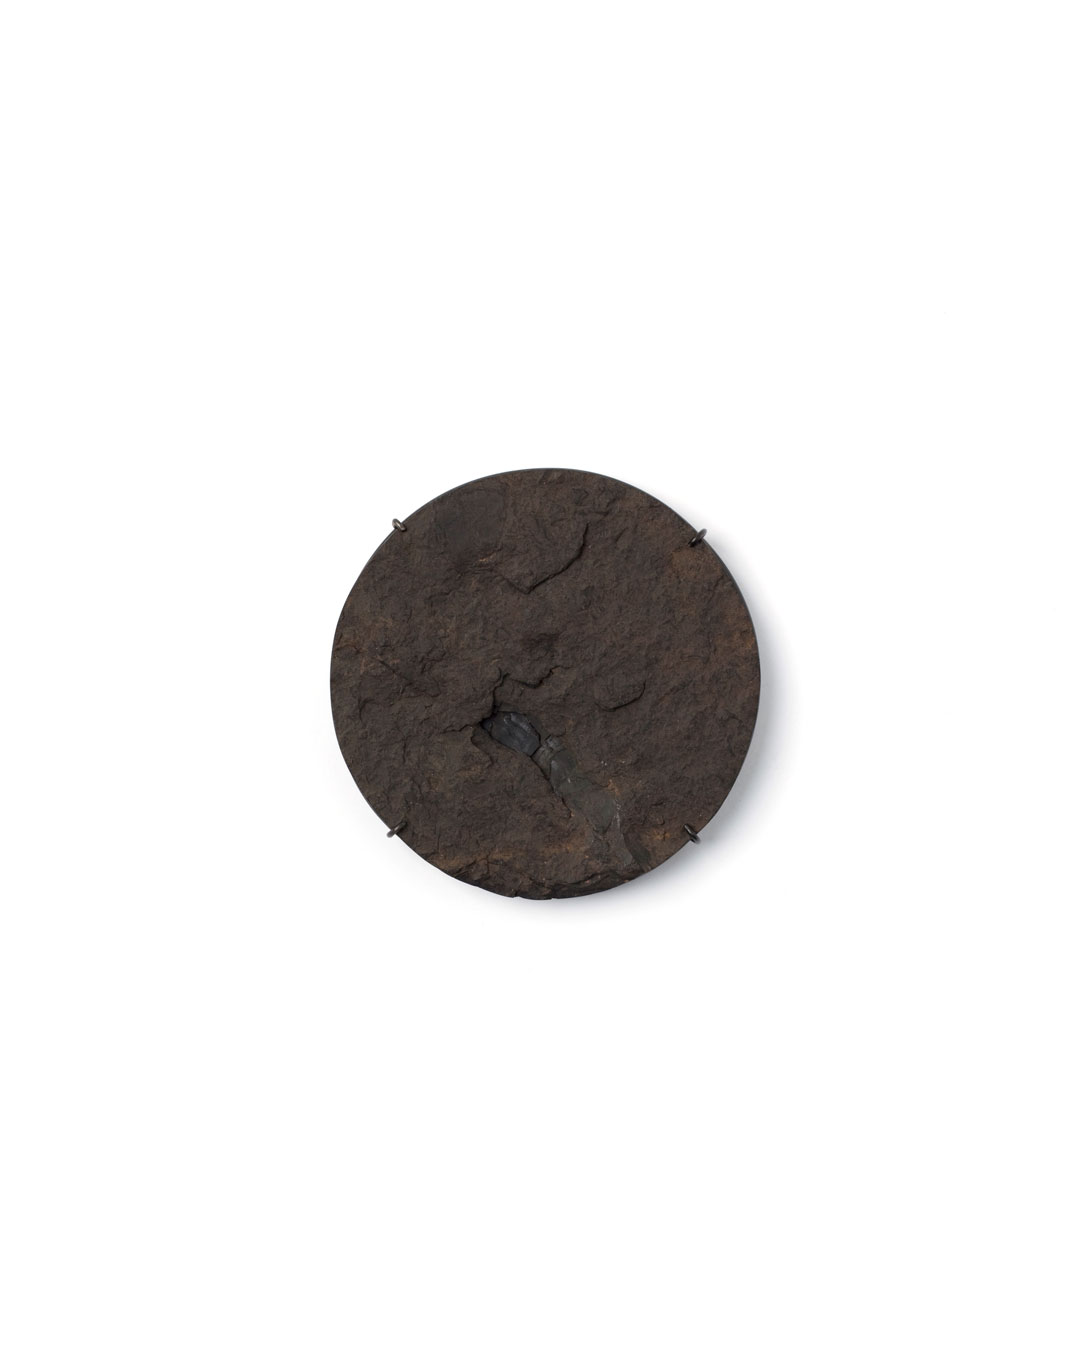 Florian Weichsberger, Earth #5, 2019, brooch; jet, iron, steel, 90 x 95 x 13 mm, €1170